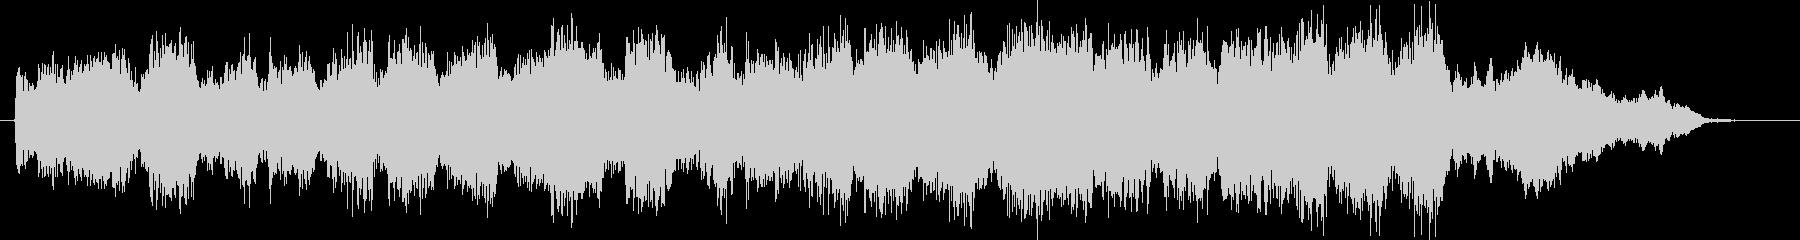 CMや映像、ピアノ、ストリングス、30秒の未再生の波形